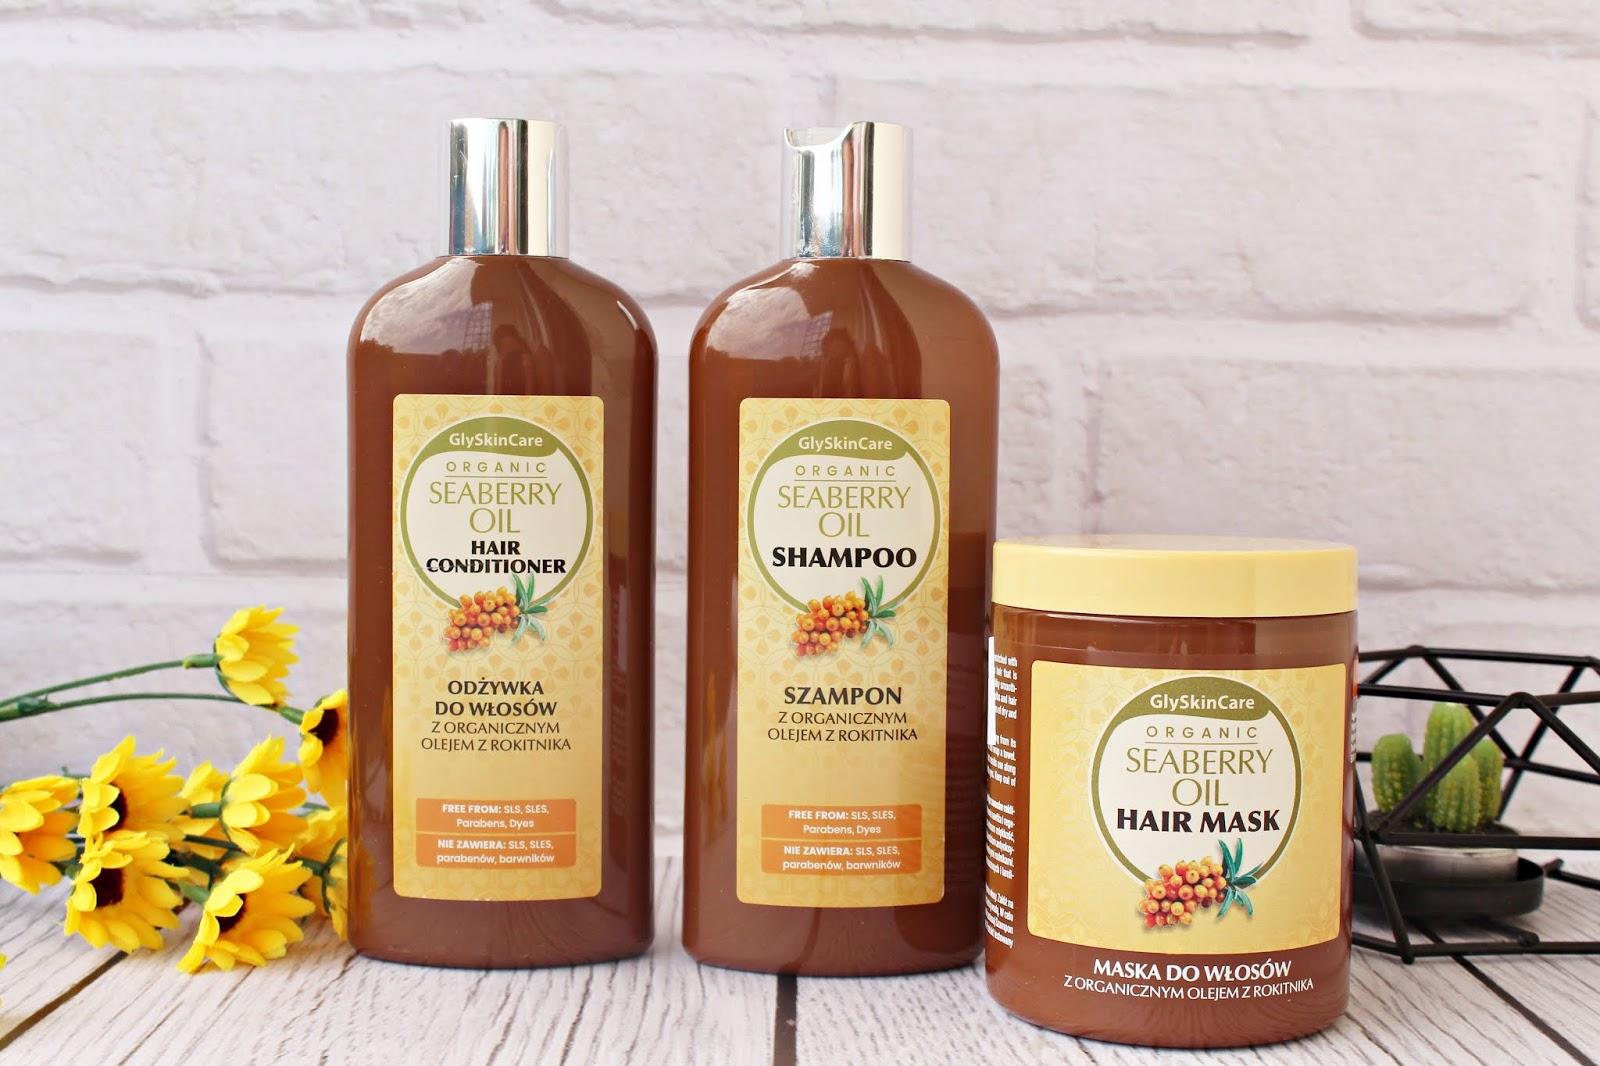 Regeneracja włosów z kosmetykami GlySkinCare - Szampon, odżywka i maska do włosów z organicznym olejem z rokitnika